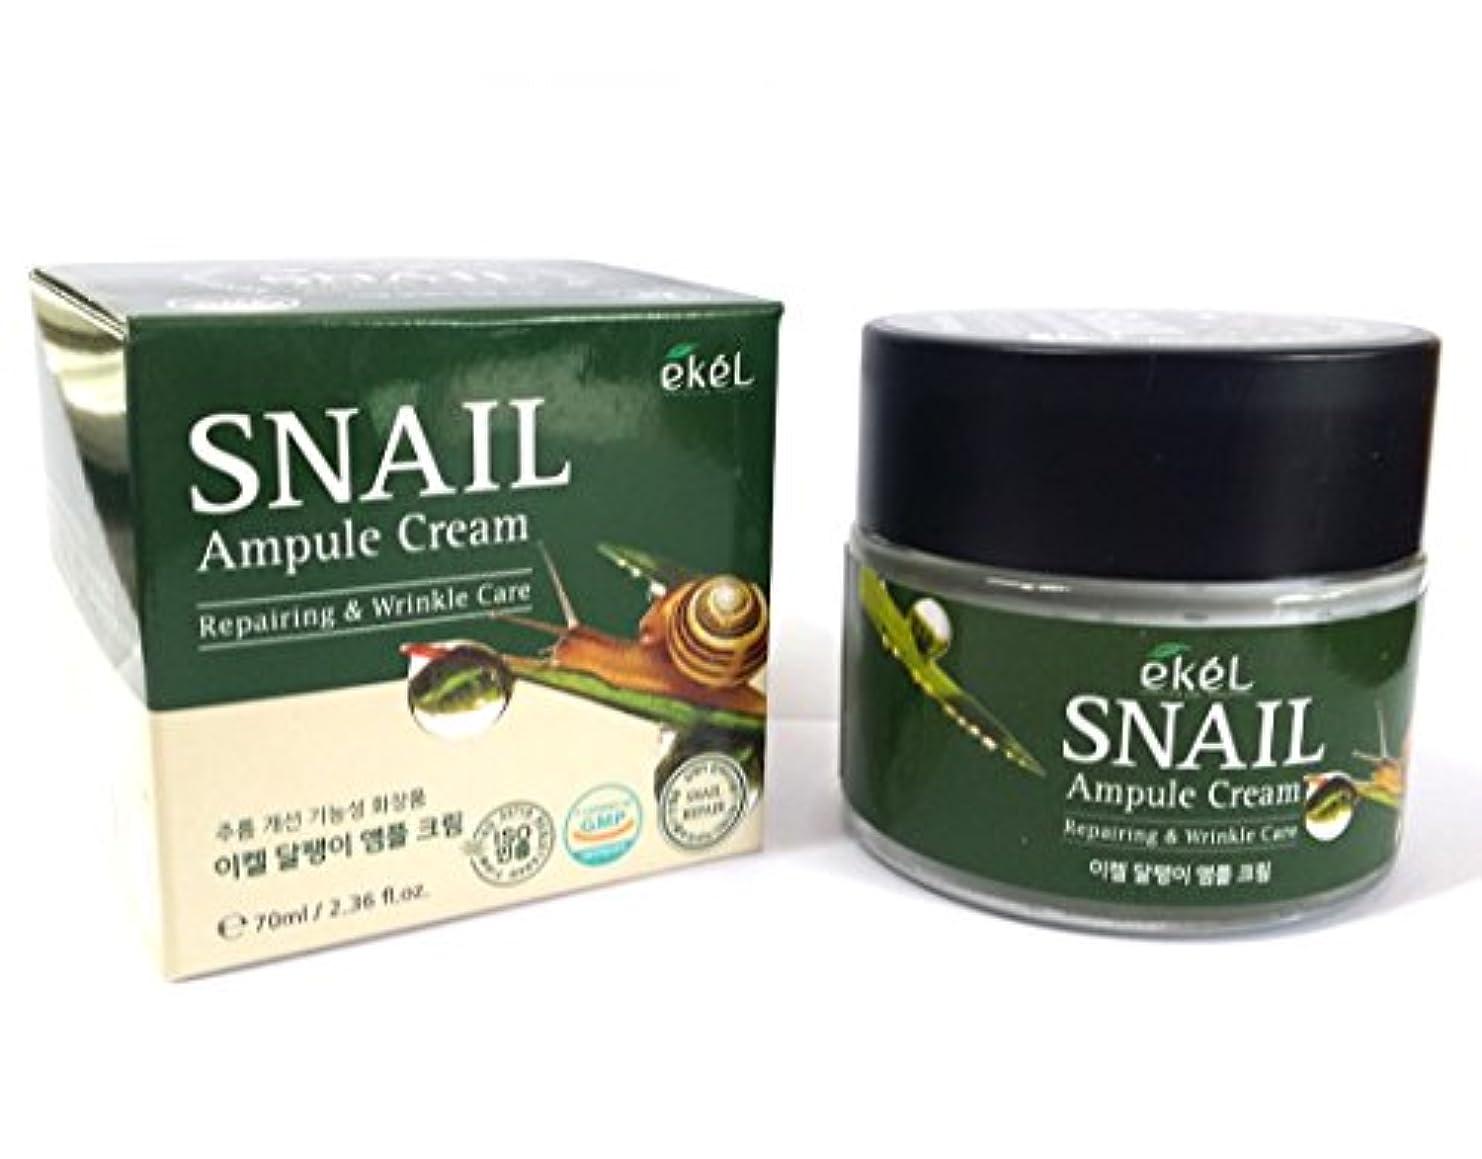 共役過去レルム[EKEL] カタツムリアンプルクリーム70ml / Snail Ampule Cream 70ml / / リペアリング&リンクルケア / ハイドレーティングクリーム / Repairing & Wrinkle Care...